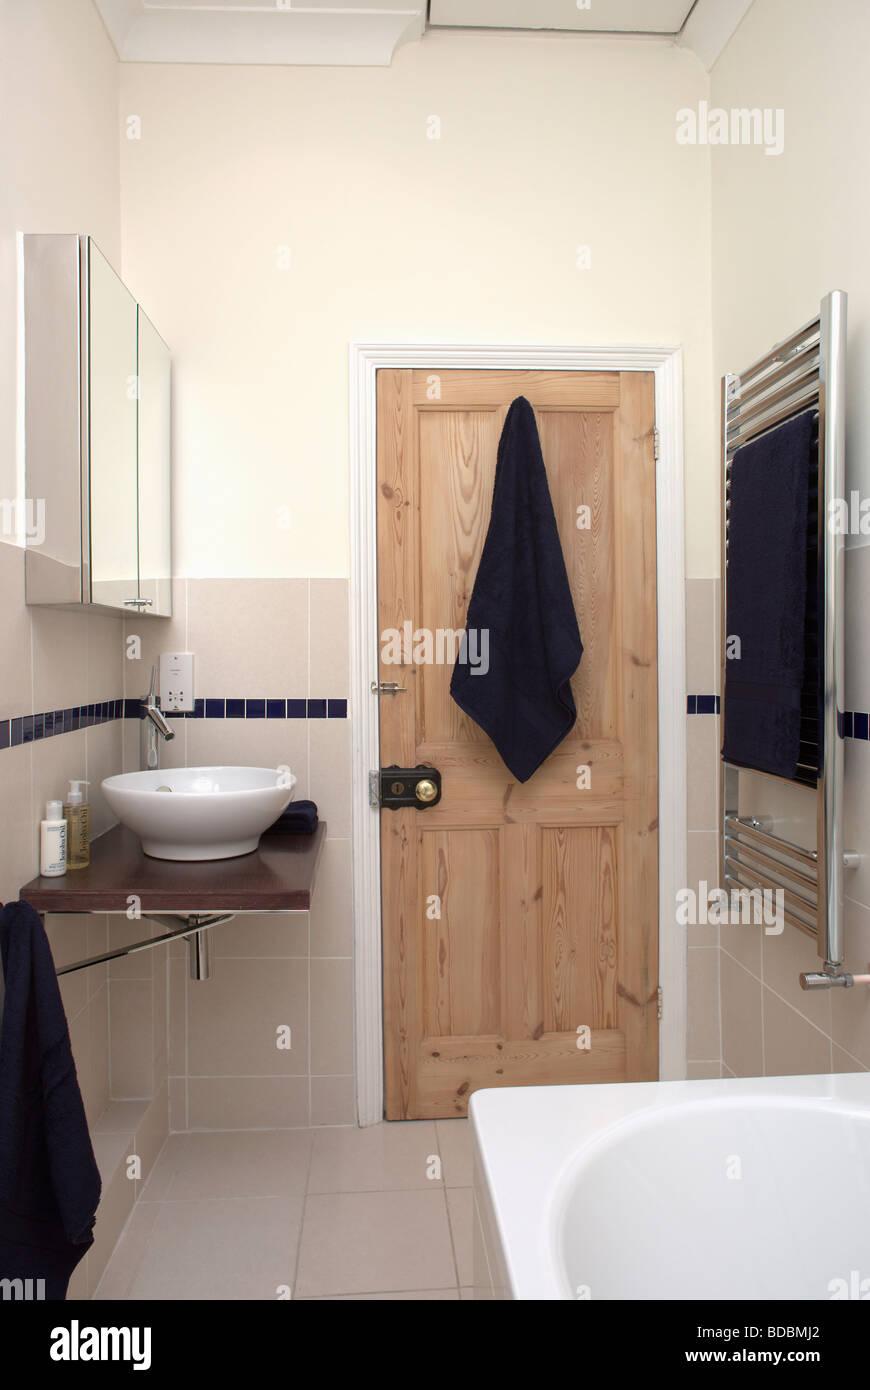 Abgestreift Kiefer Tur Im Modernen Badezimmer Mit Beige Wandfliesen